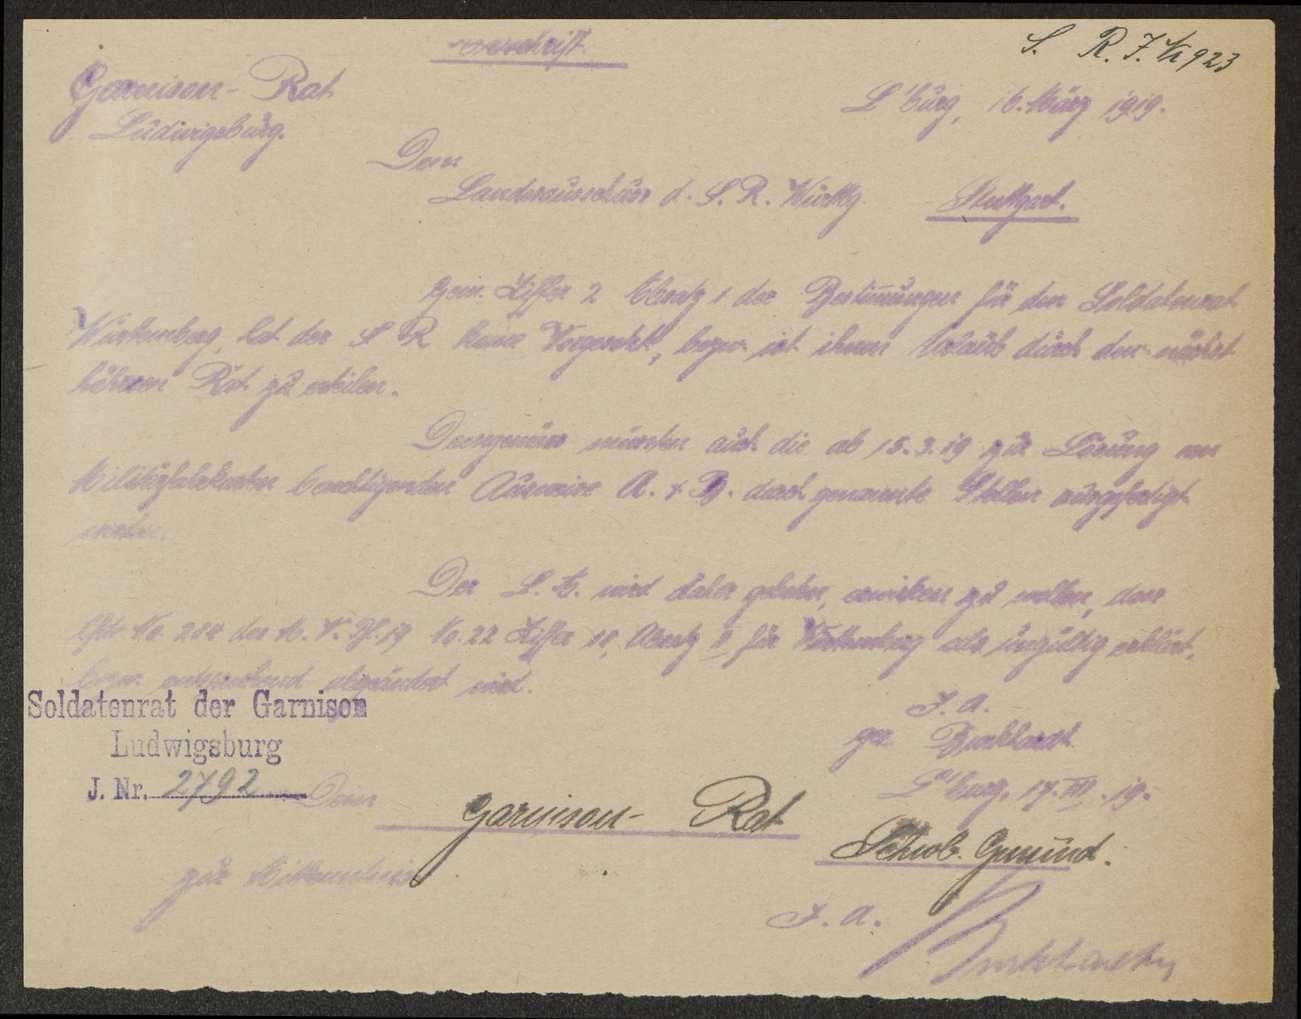 Mitteilung der Bemühungen des Garnisonrats Ludwigsburg über die Gewährung von Militärfahrscheinen für Soldatenratsraitglieder, Bild 1